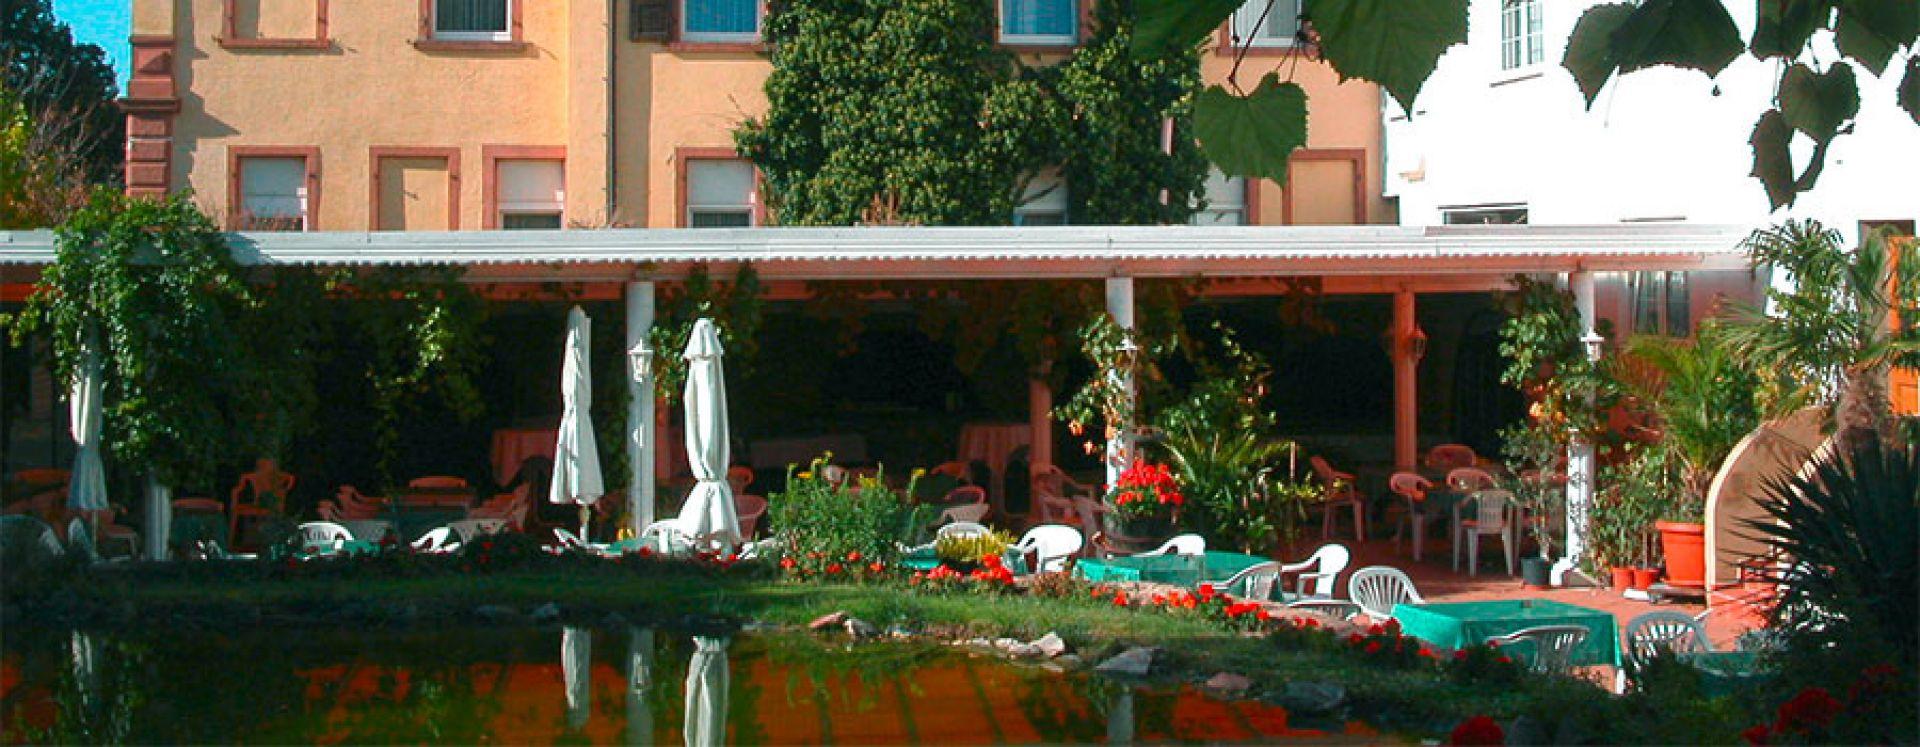 Hotel Garten Terrasse Mediterran Pfalz Deutsche Weinstrasse Zimmer